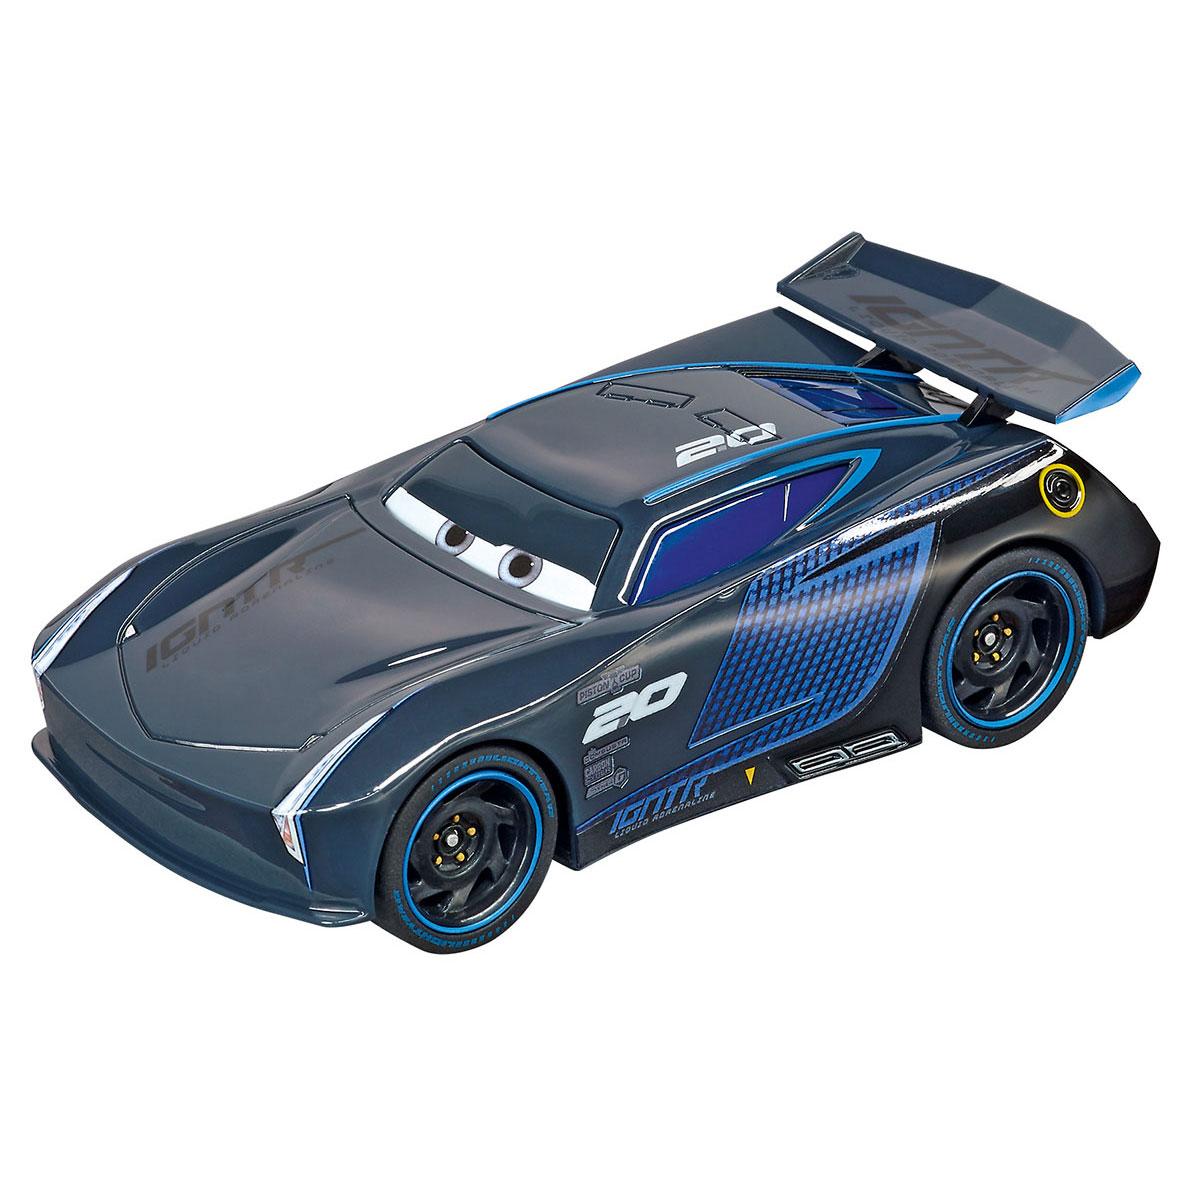 Carrera Go Raceauto Jackson Storm Online Kopen Lobbes Nl